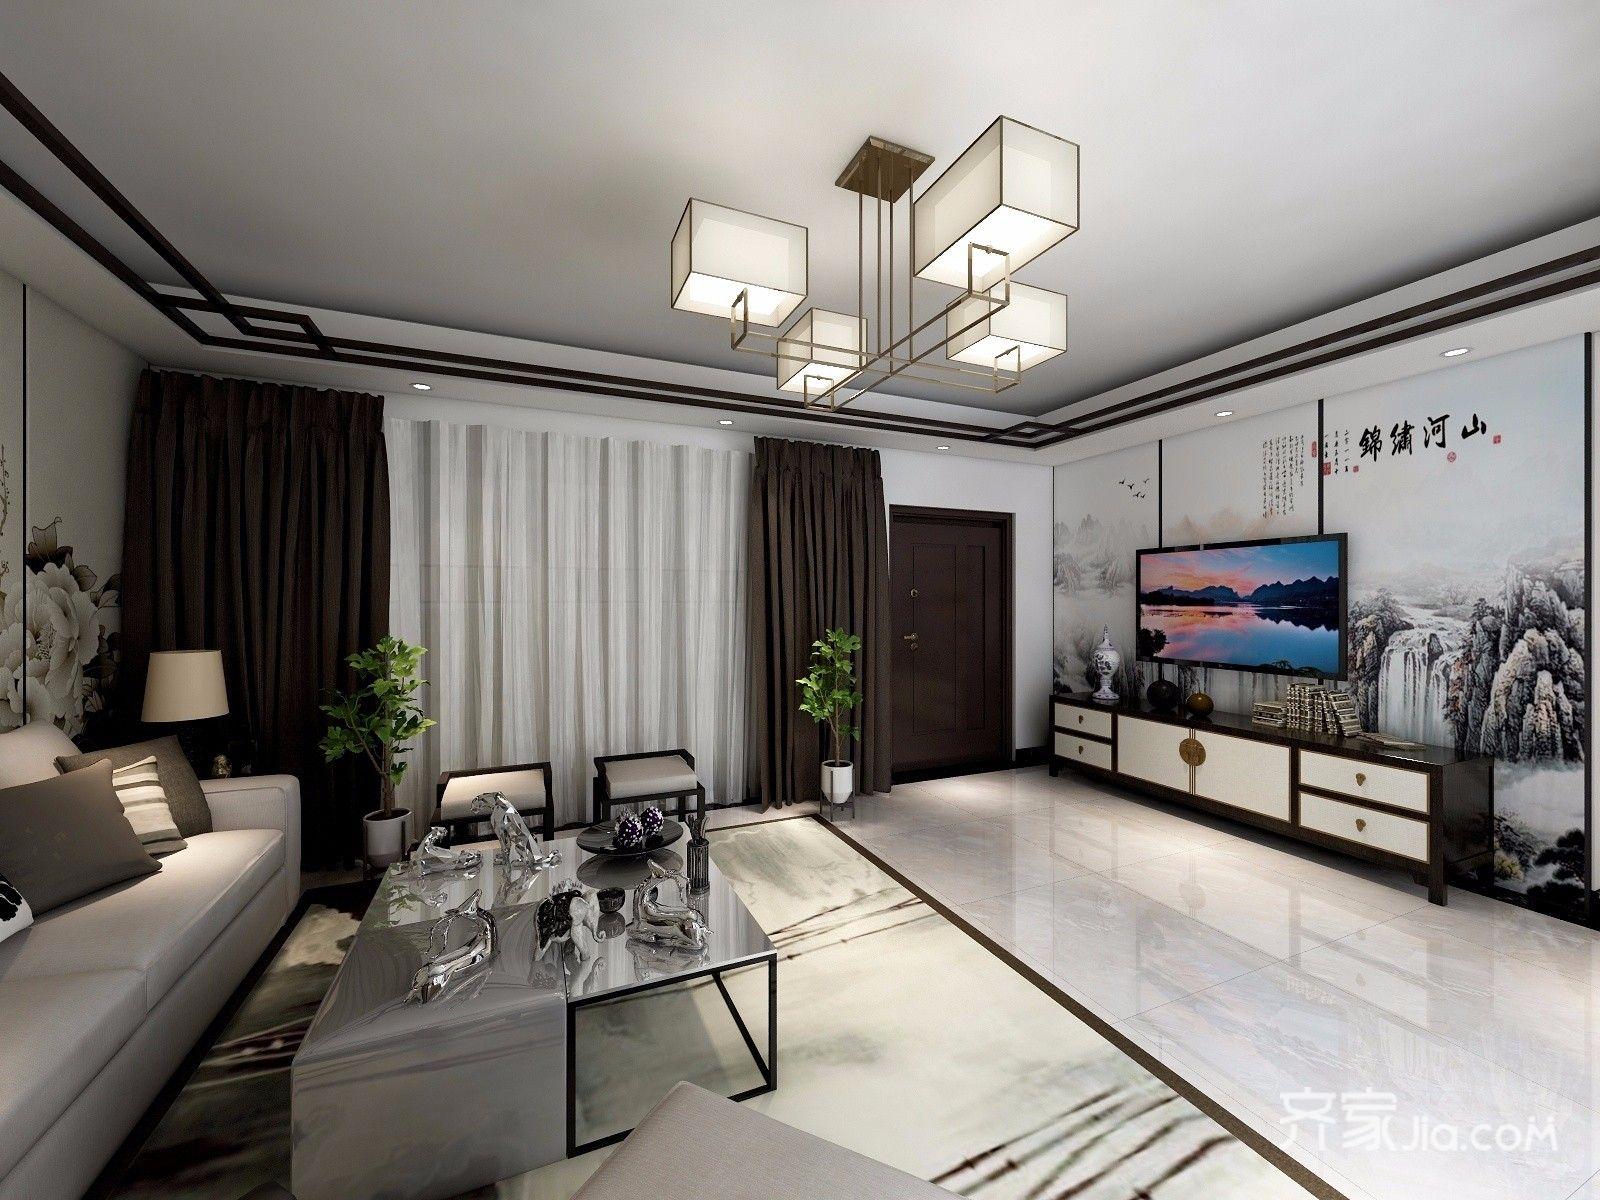 120平米中式风格电视背景墙装修效果图